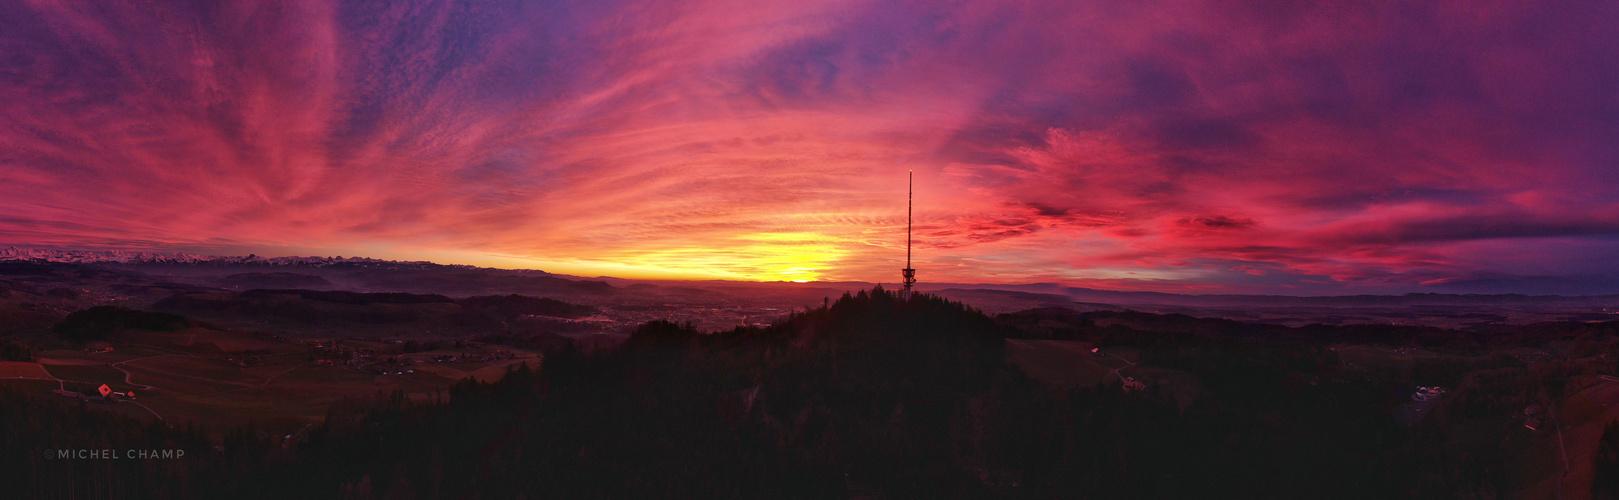 Bantiger at Sunset Pano